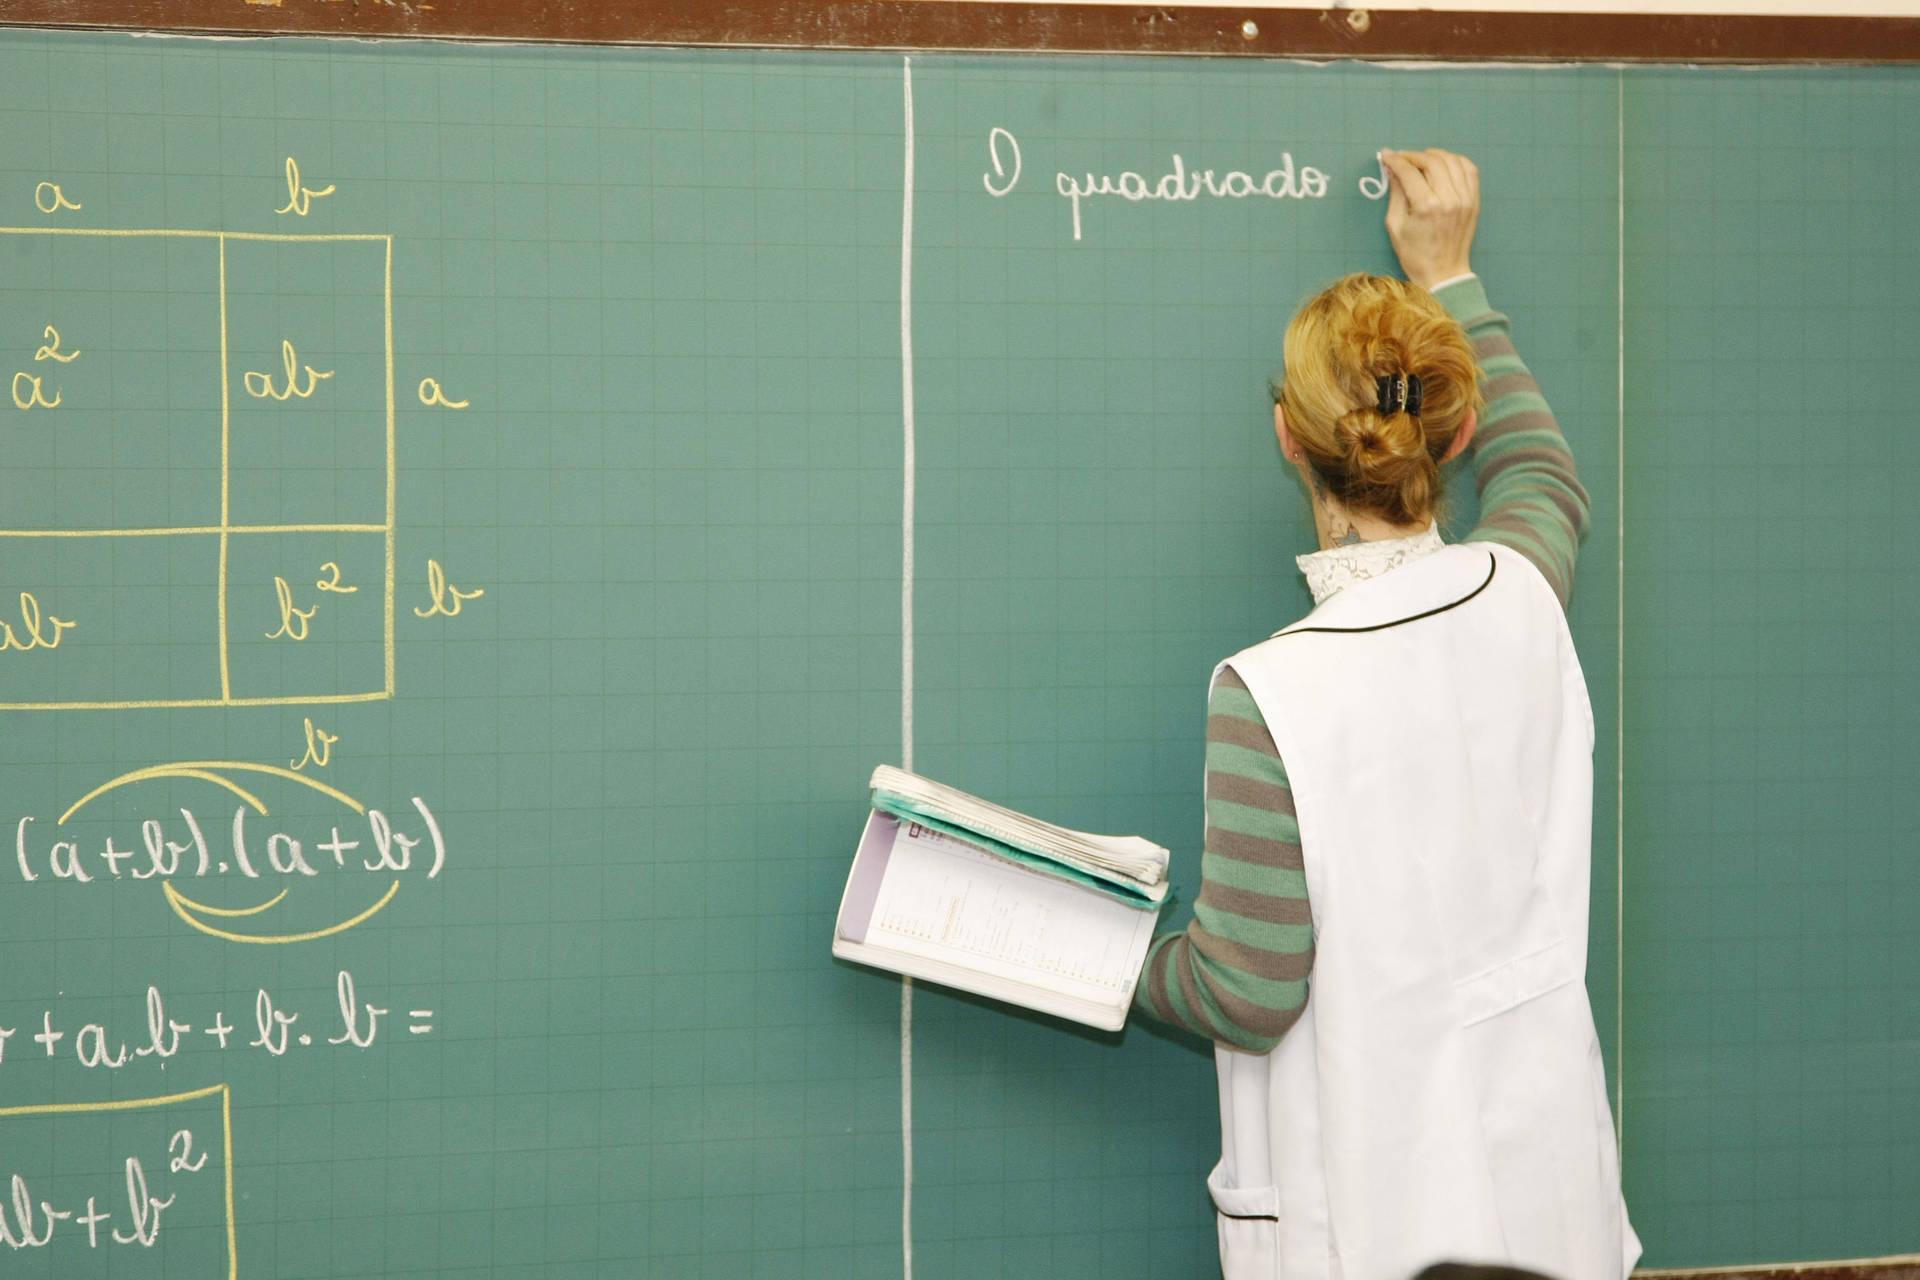 Por que os Professores Usam Jaleco? (Foto: internet)